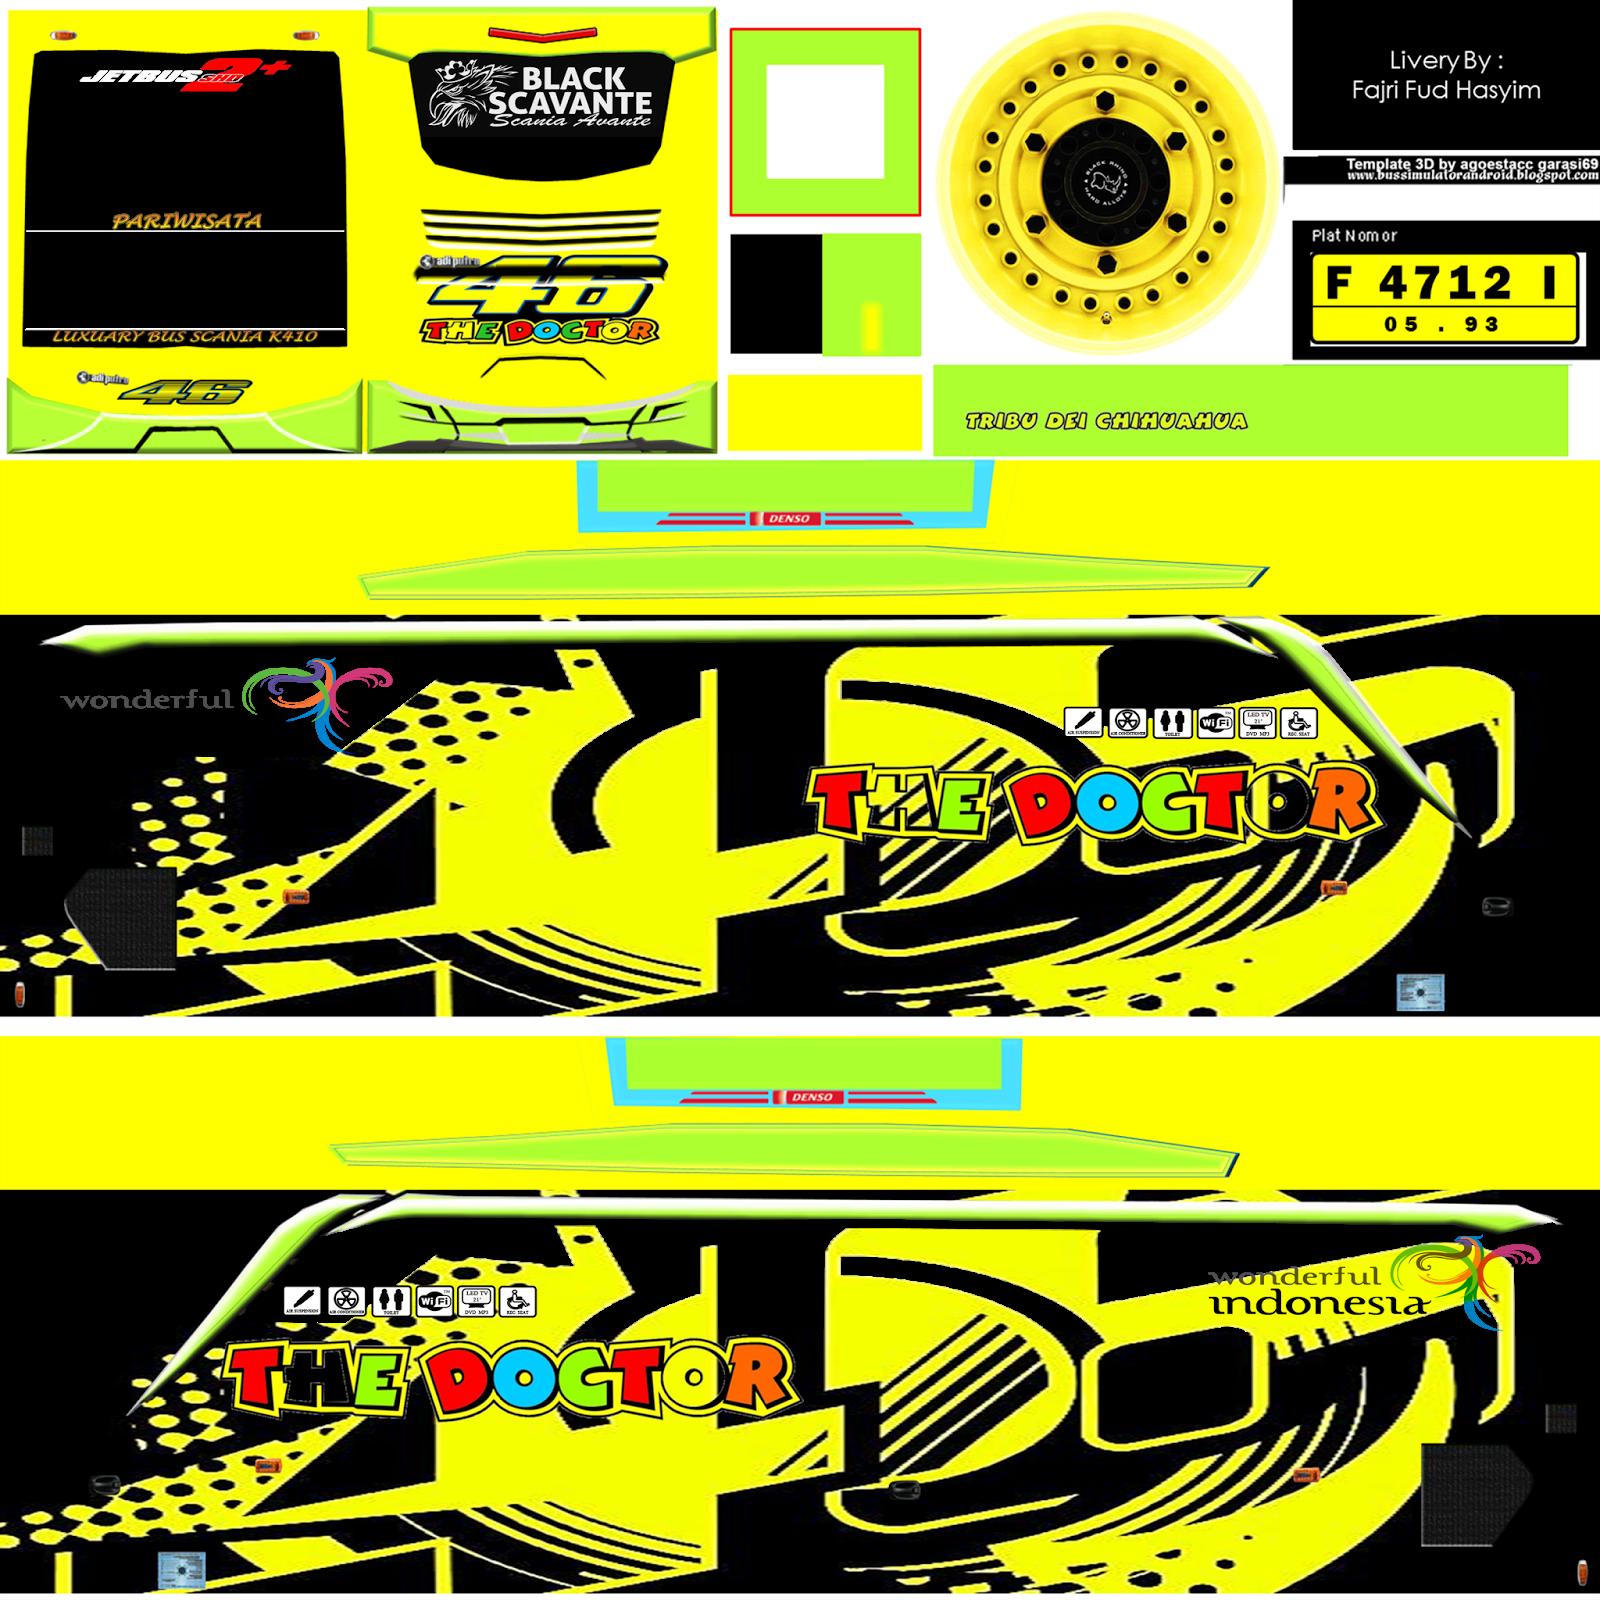 Stiker cctv untuk truck canter bus simulator indonesia, download mentahan stiker cctv truck canter download kumpulan mentahan stiker cctv untuk truck canter bus simulator. moto gp 2019 livery bussid moto gp